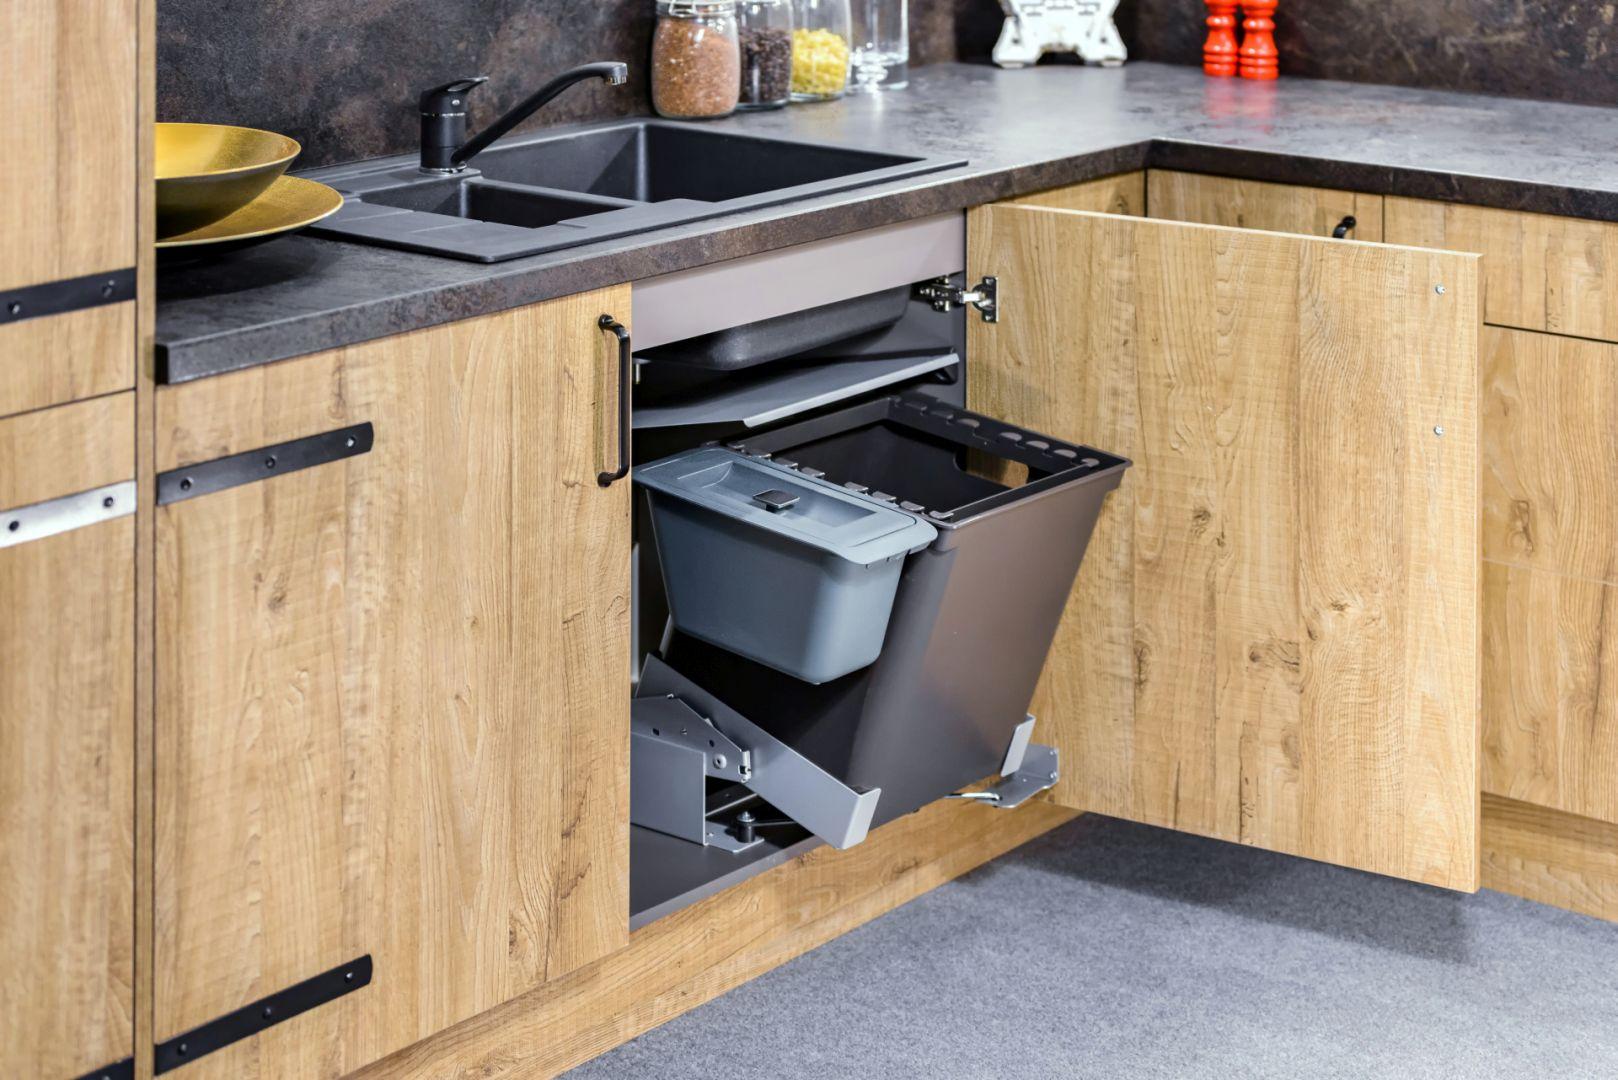 Organizacja kuchni - system pojemników na odpadki. Fot. KAM